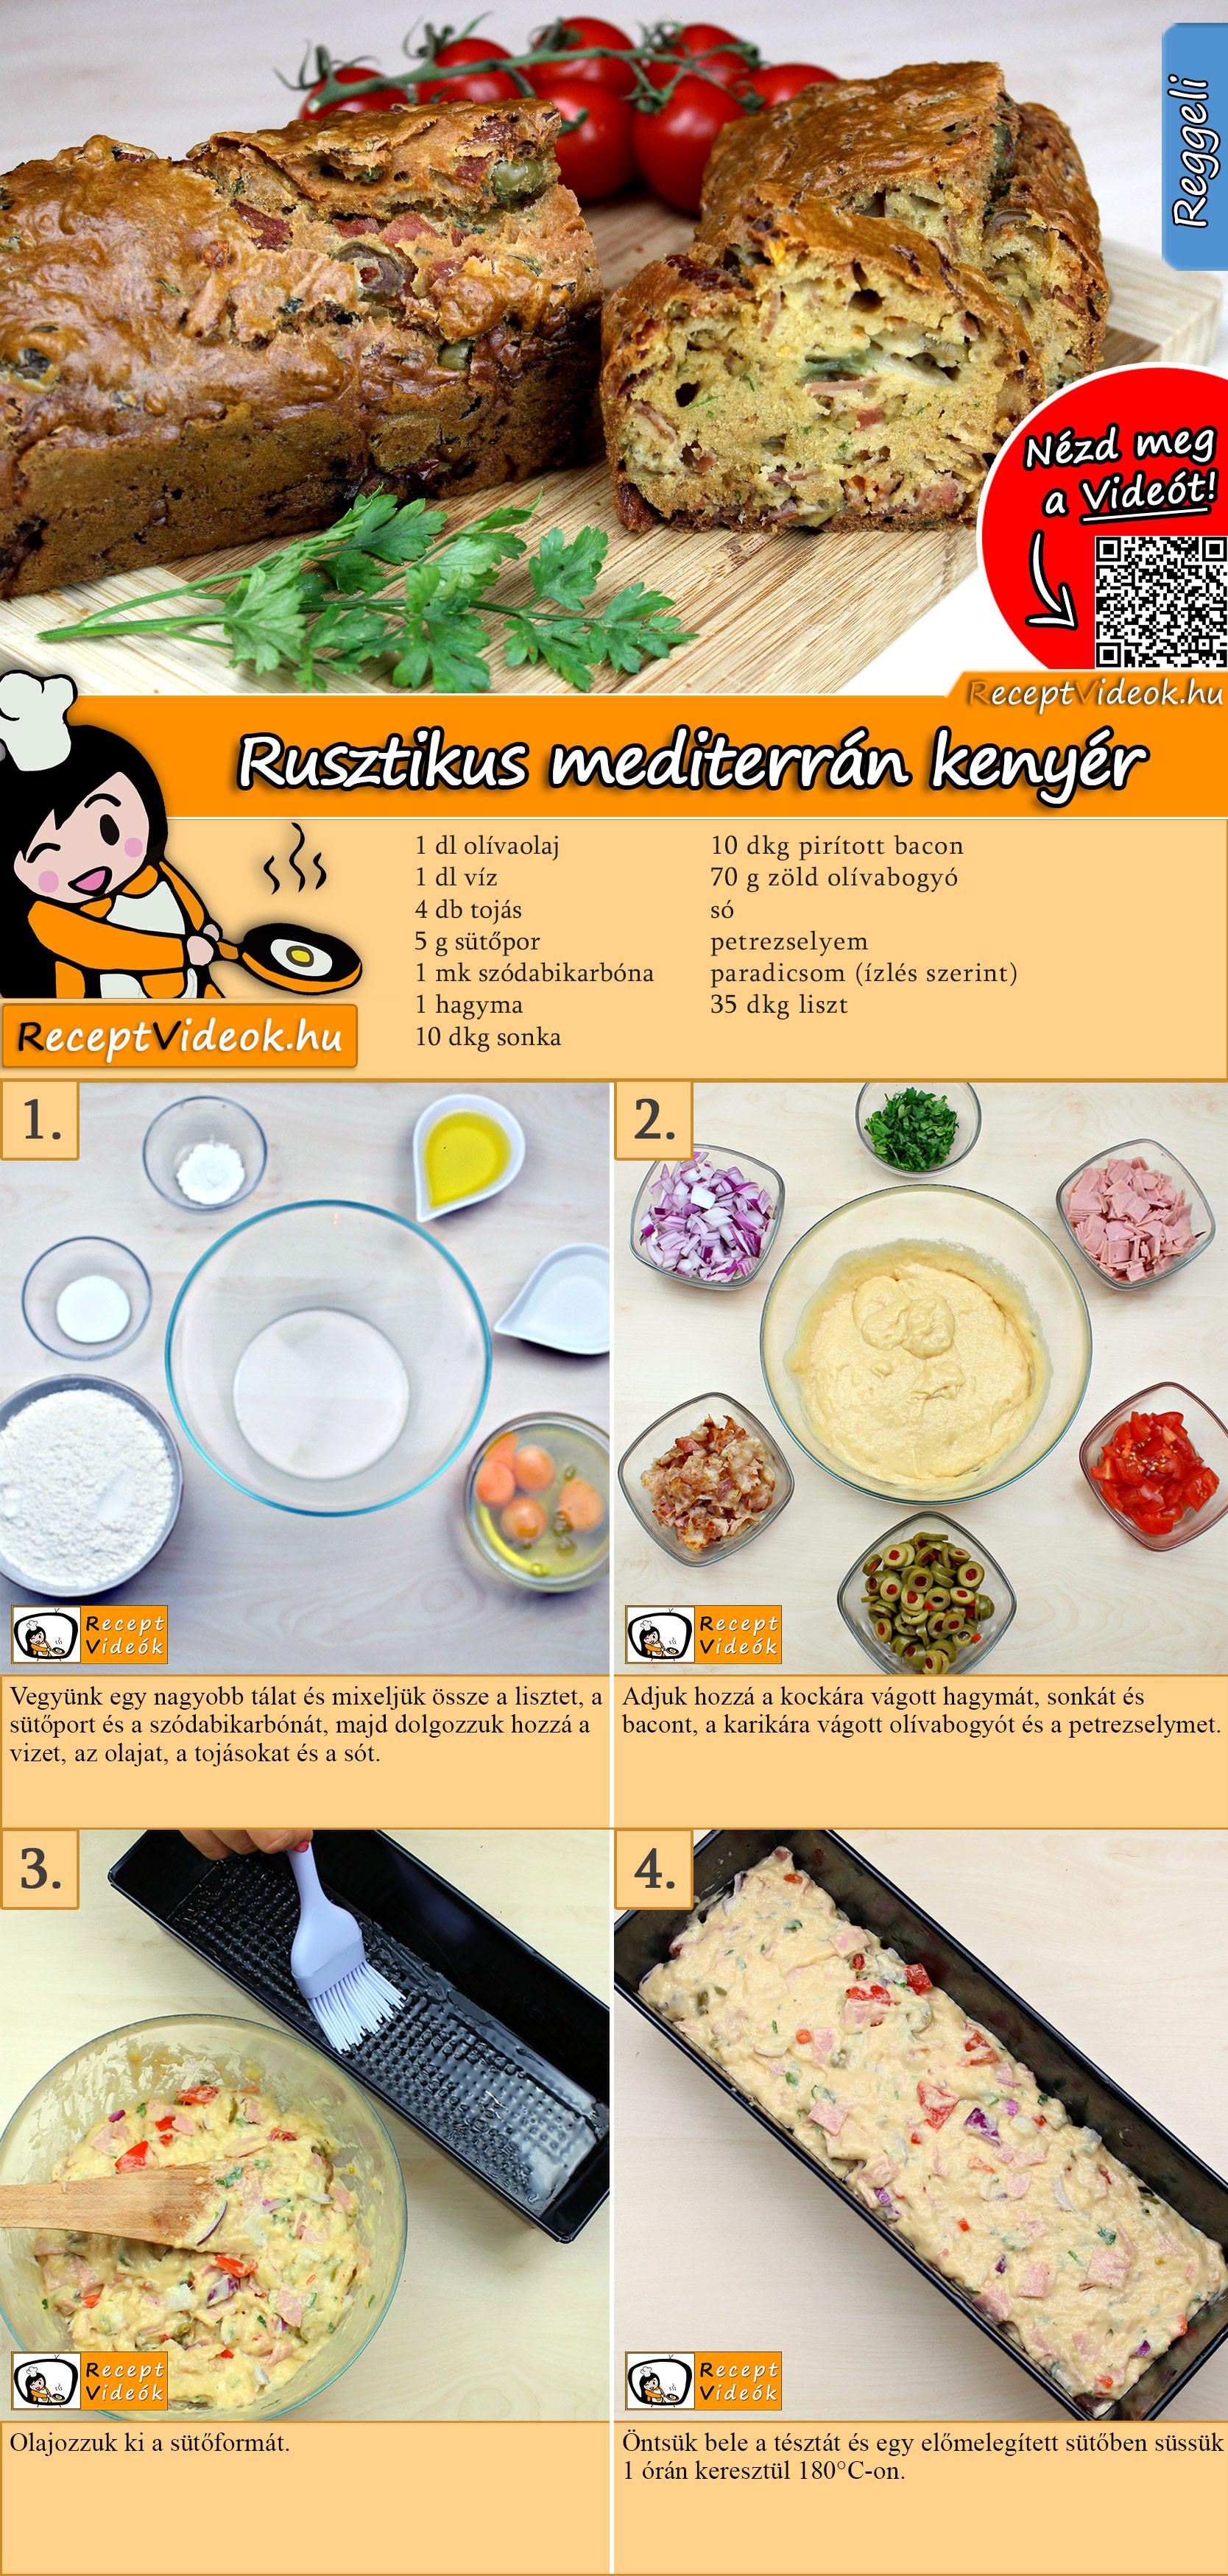 Rusztikus mediterrán kenyér recept elkészítése videóval